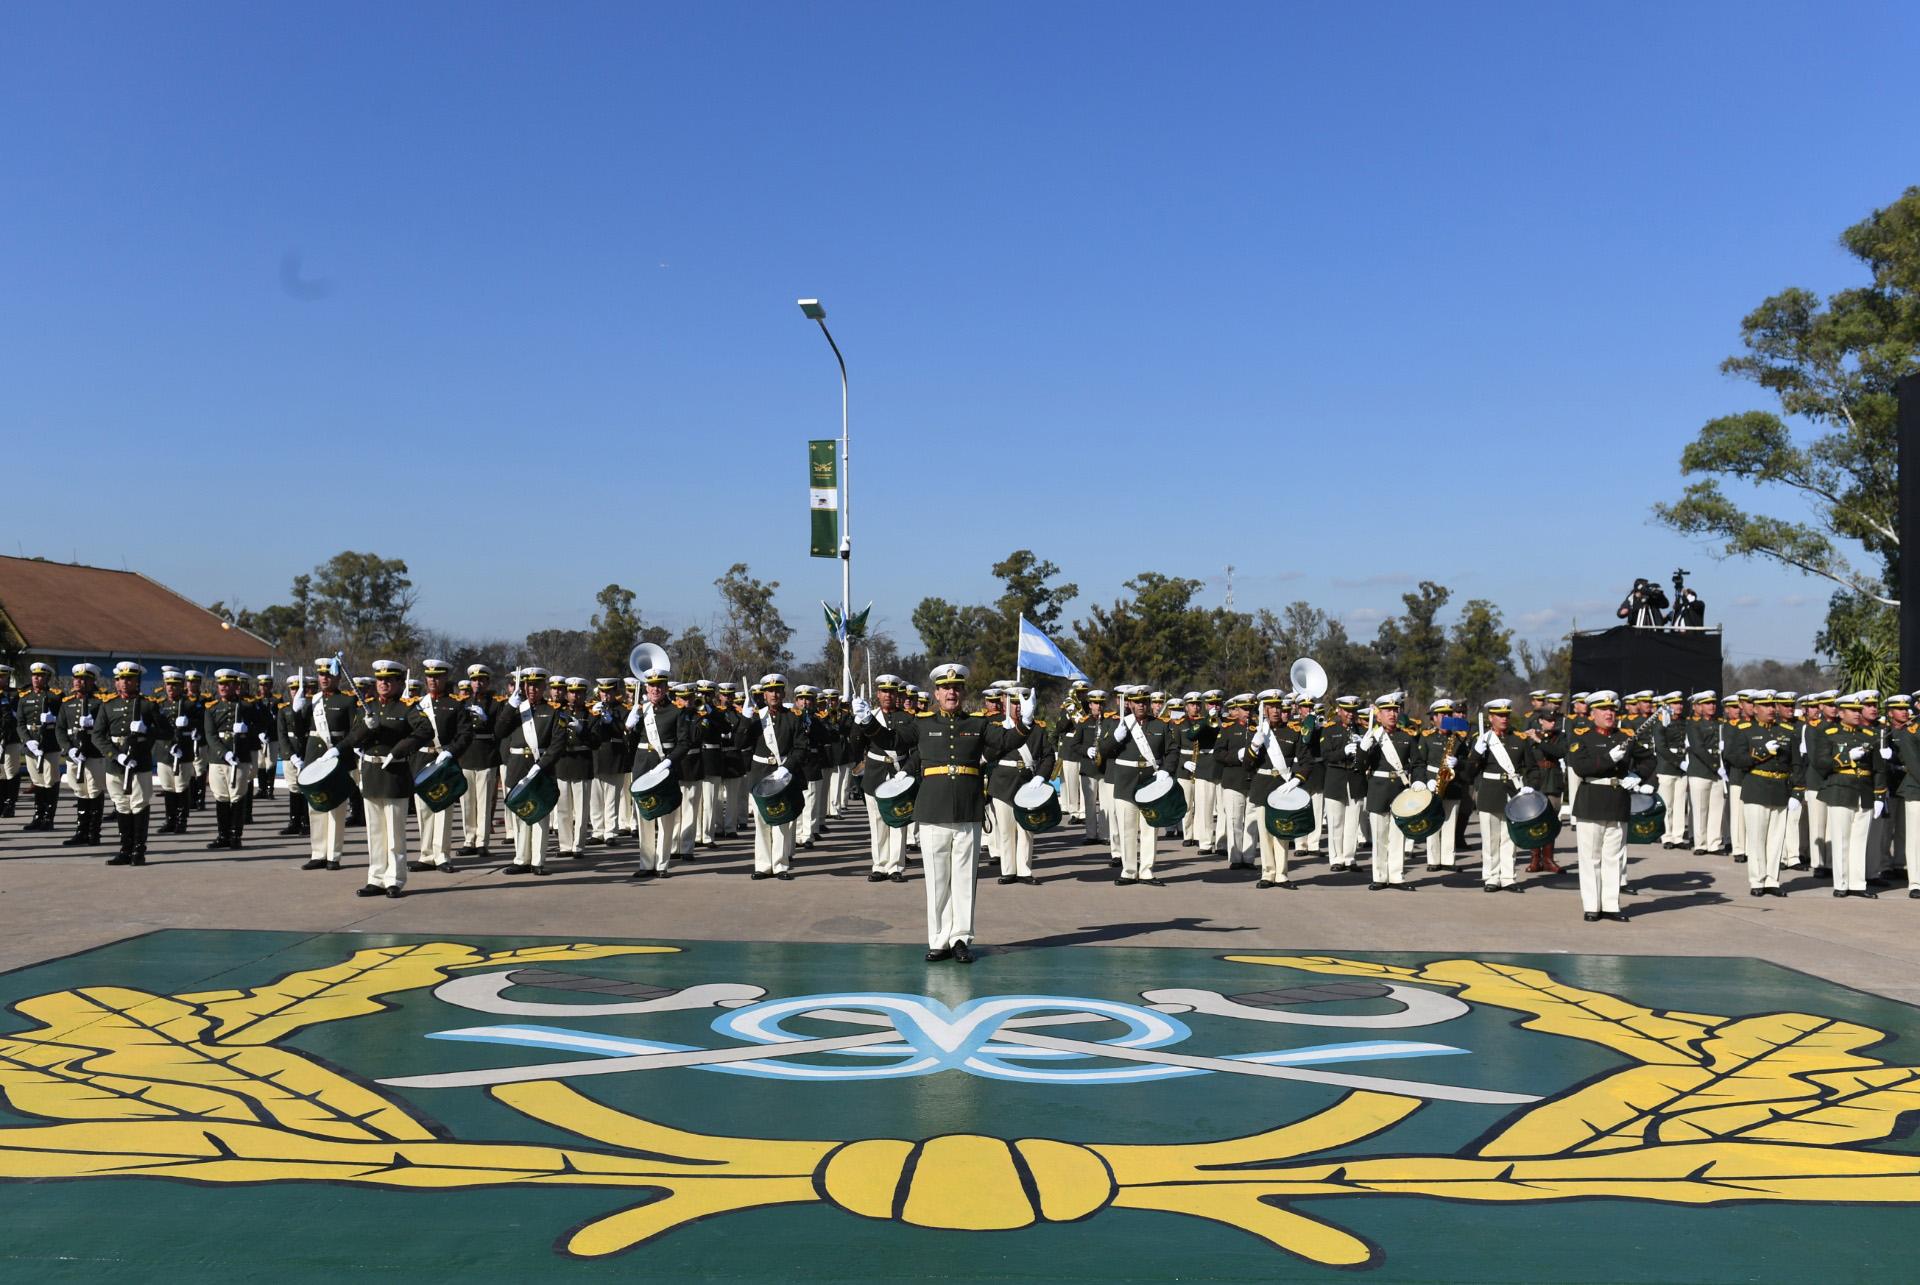 Para esta ocasión, la banda especial de la Gendarmería fue conformada integrantes de la escuela Martín de Güemes, del instituto Juan Adolfo Romero, y la banda del Comando de Región I